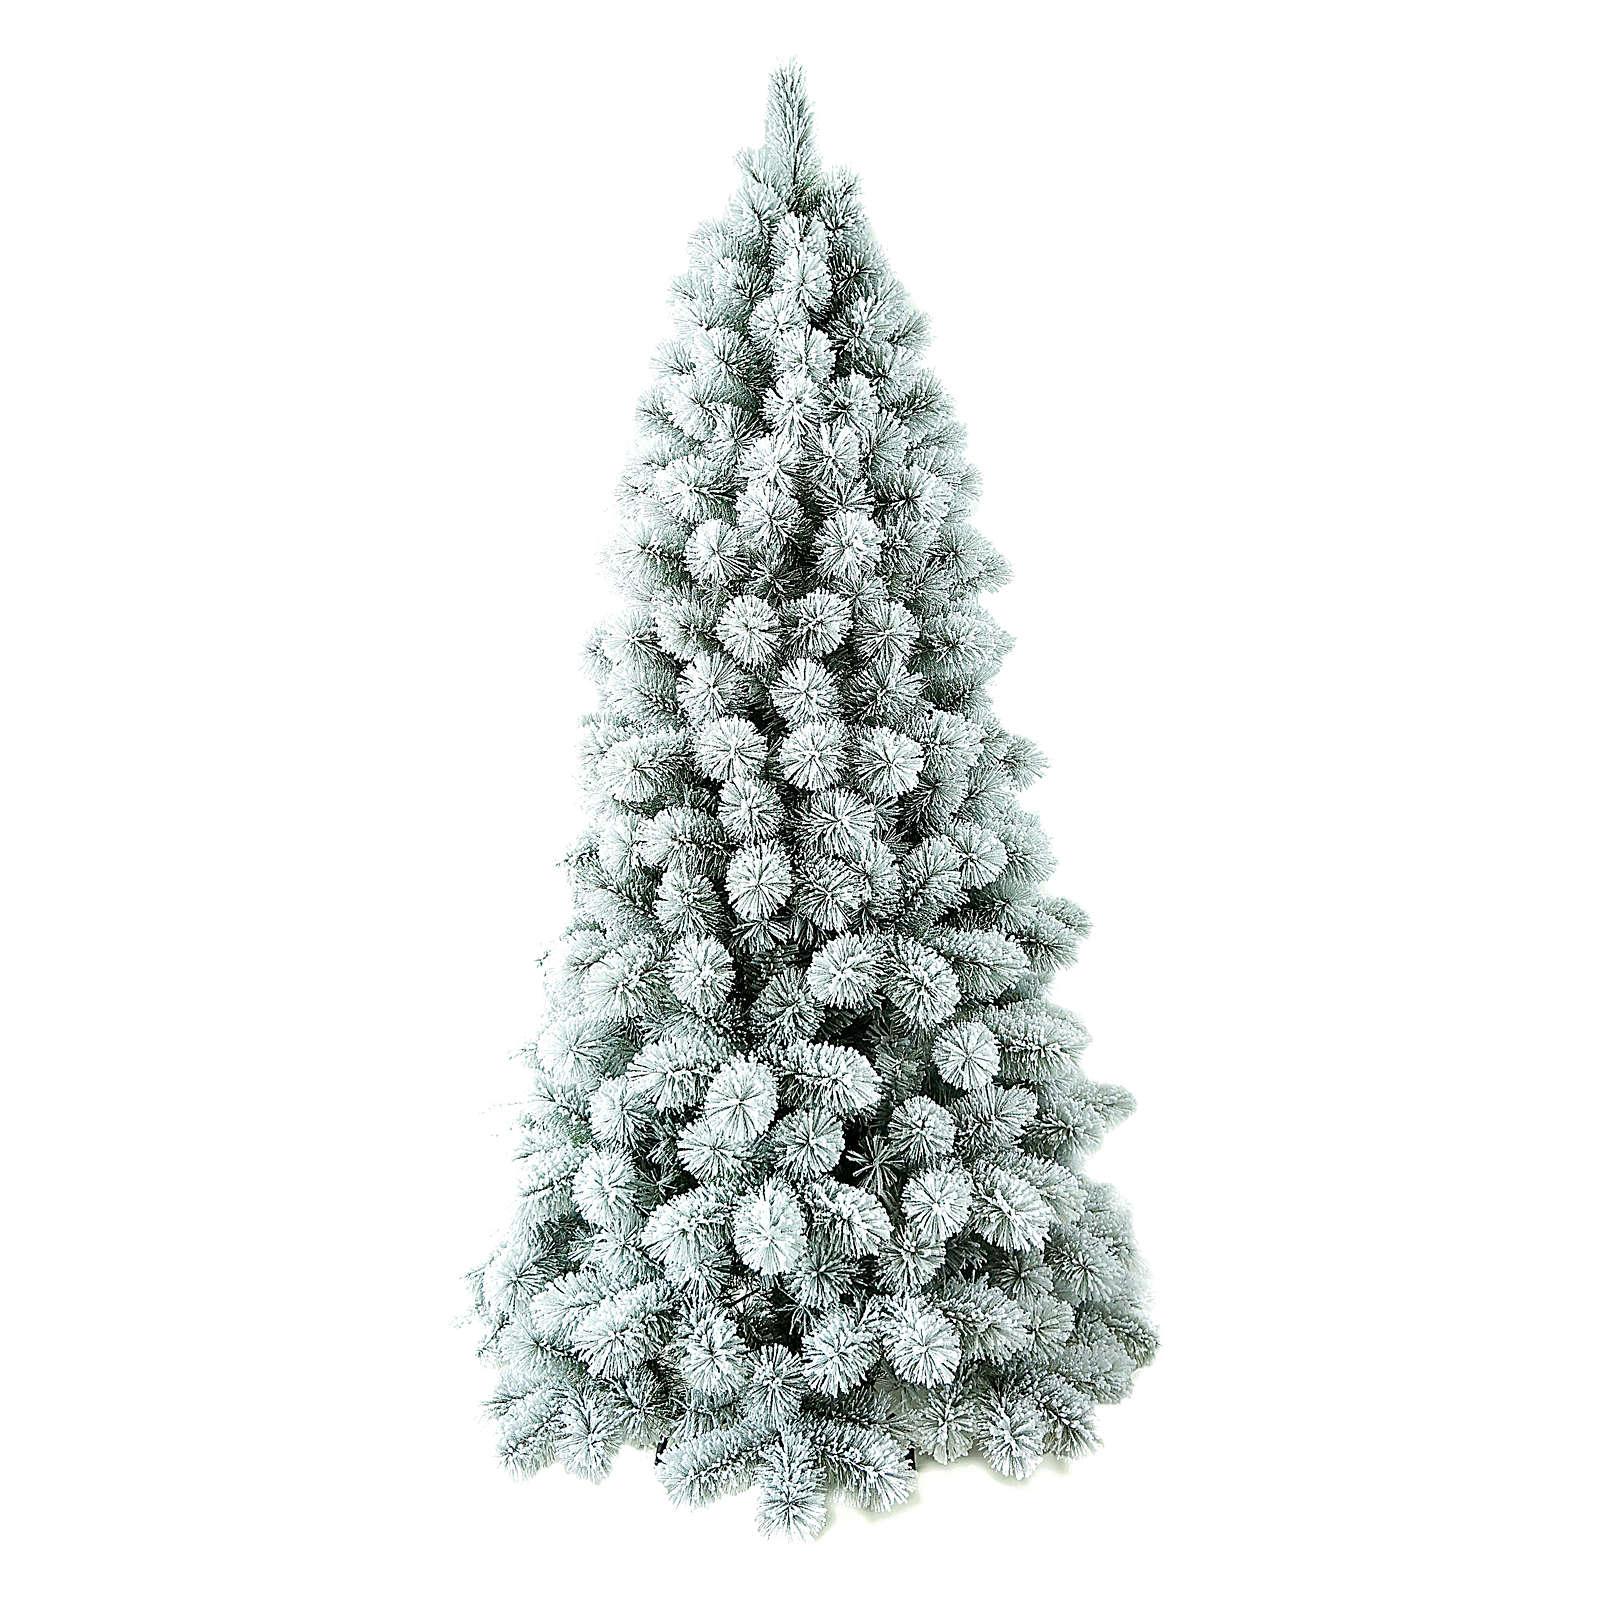 Albero di Natale 240 cm Floccato Pvc Nordend Winter Woodland 3